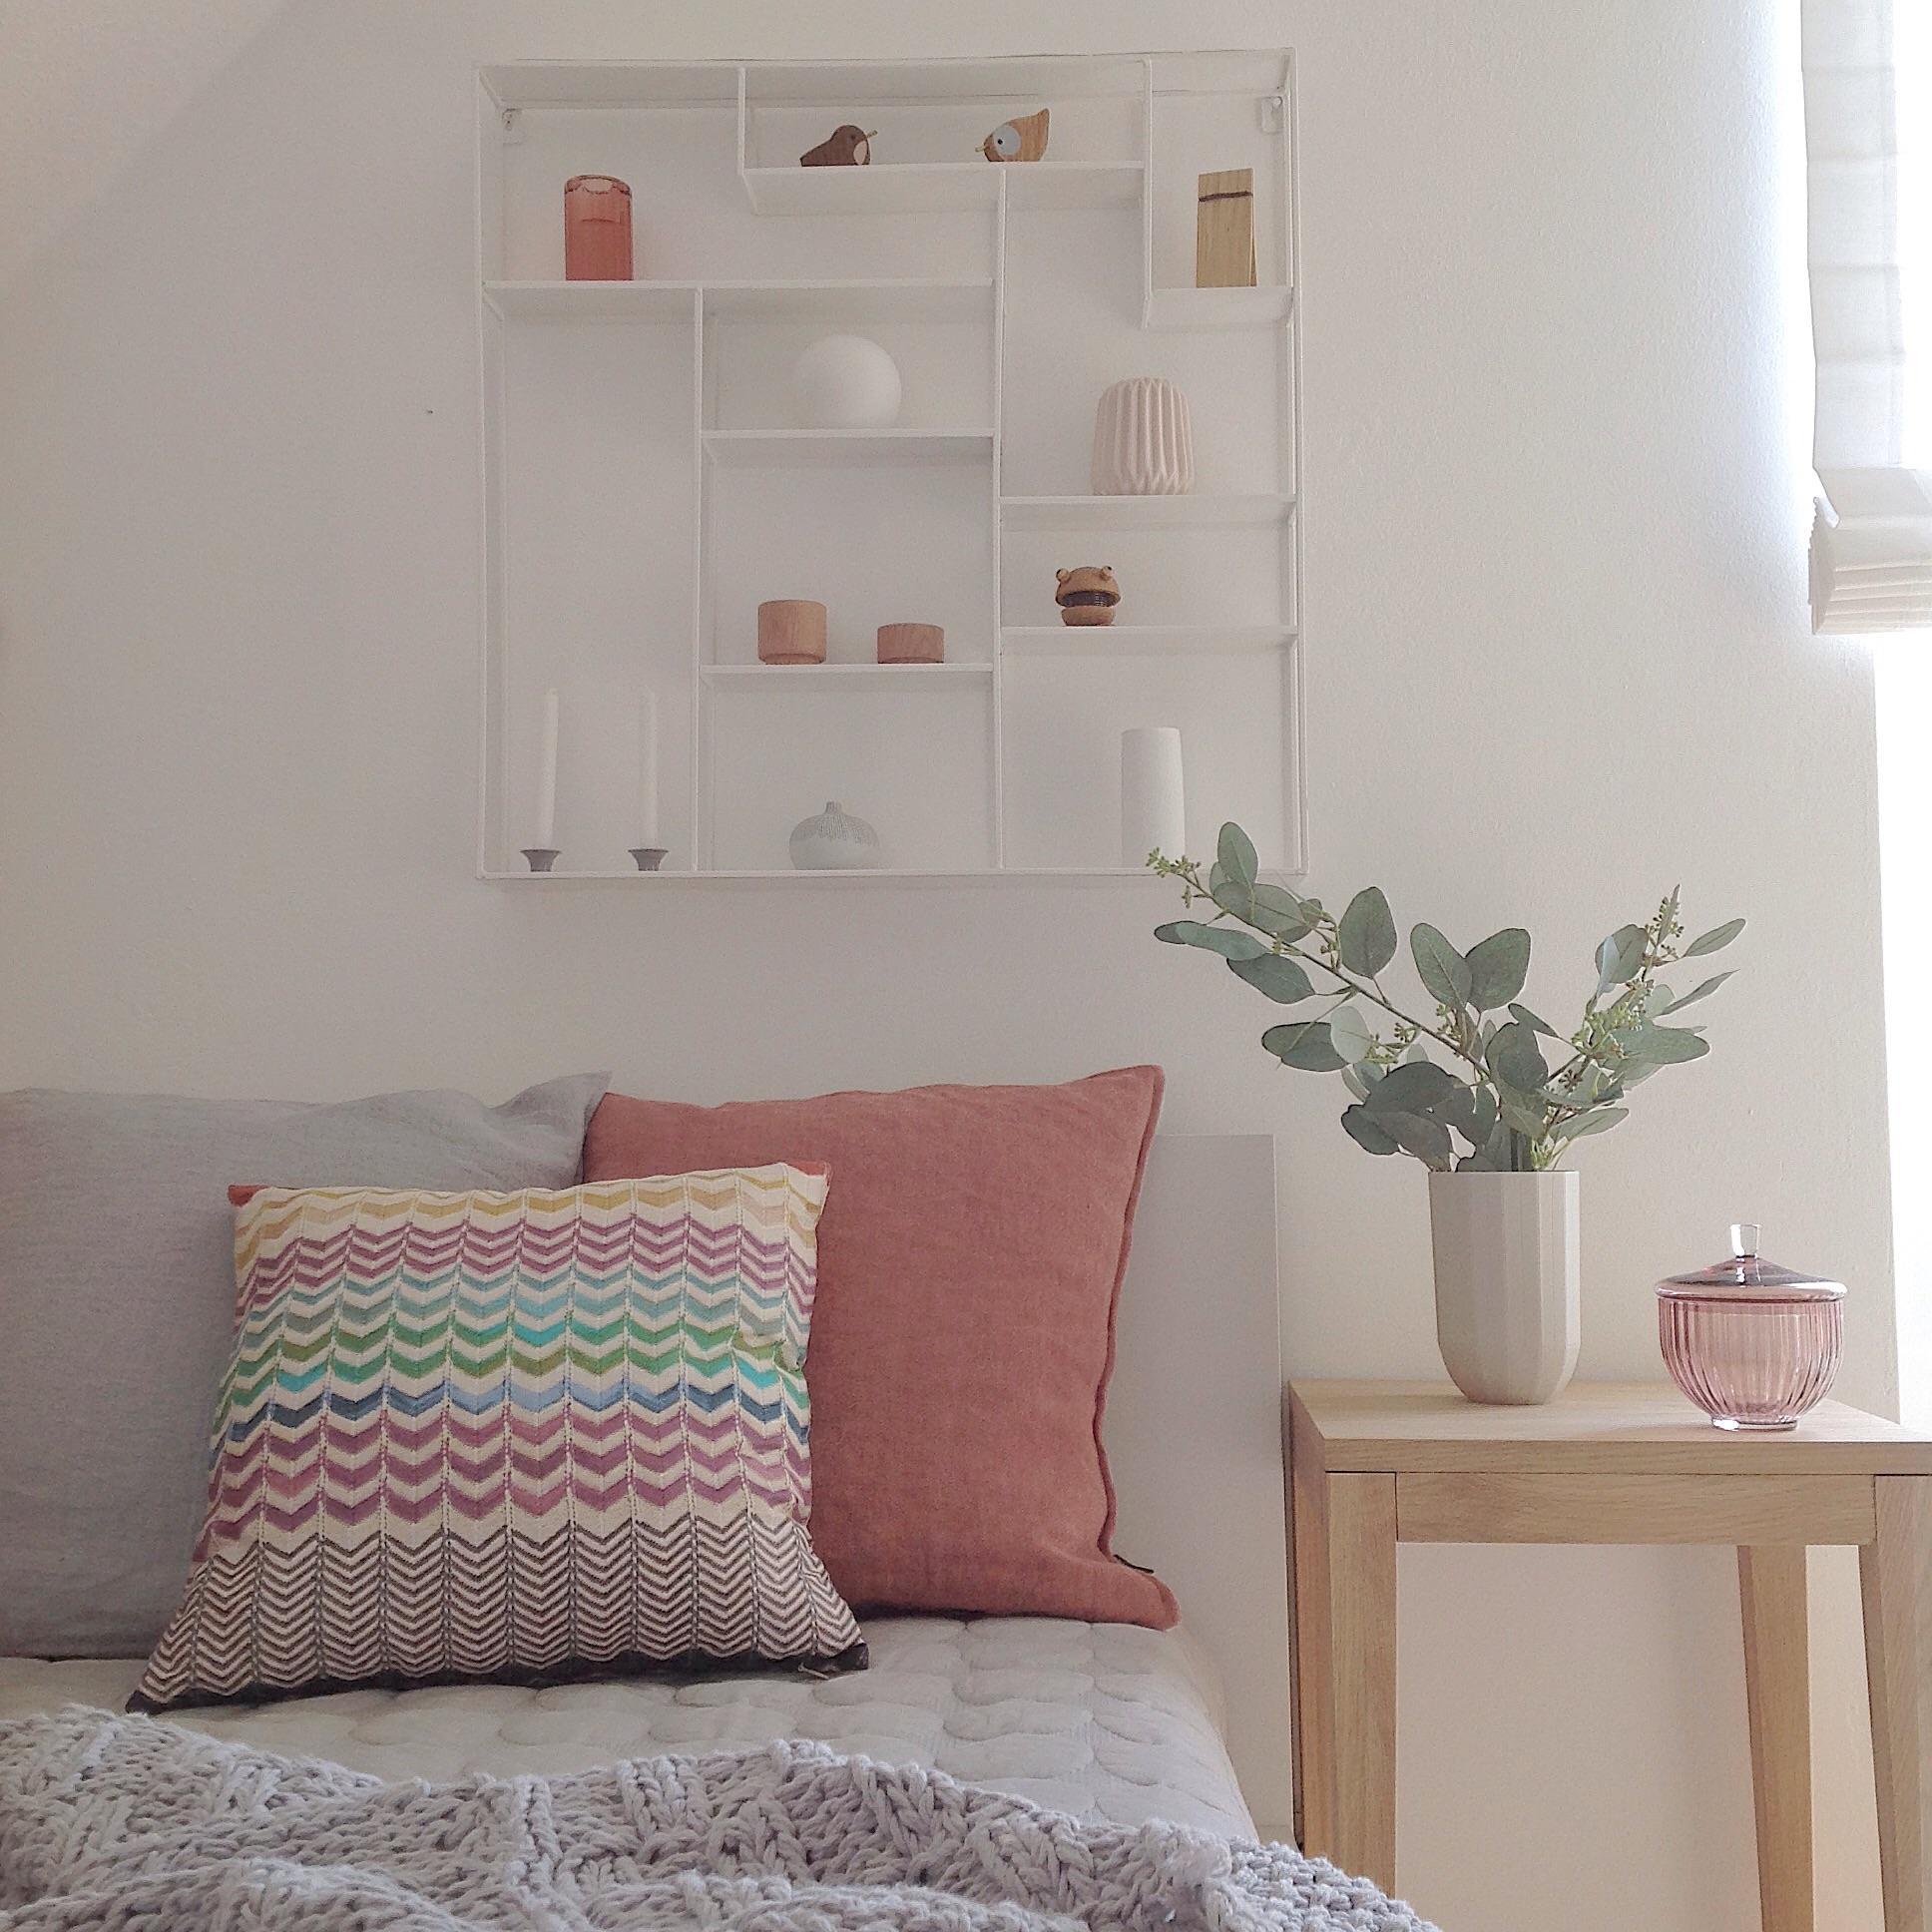 Jugendzimmer Fur Madchen Bilder Ideen Couch